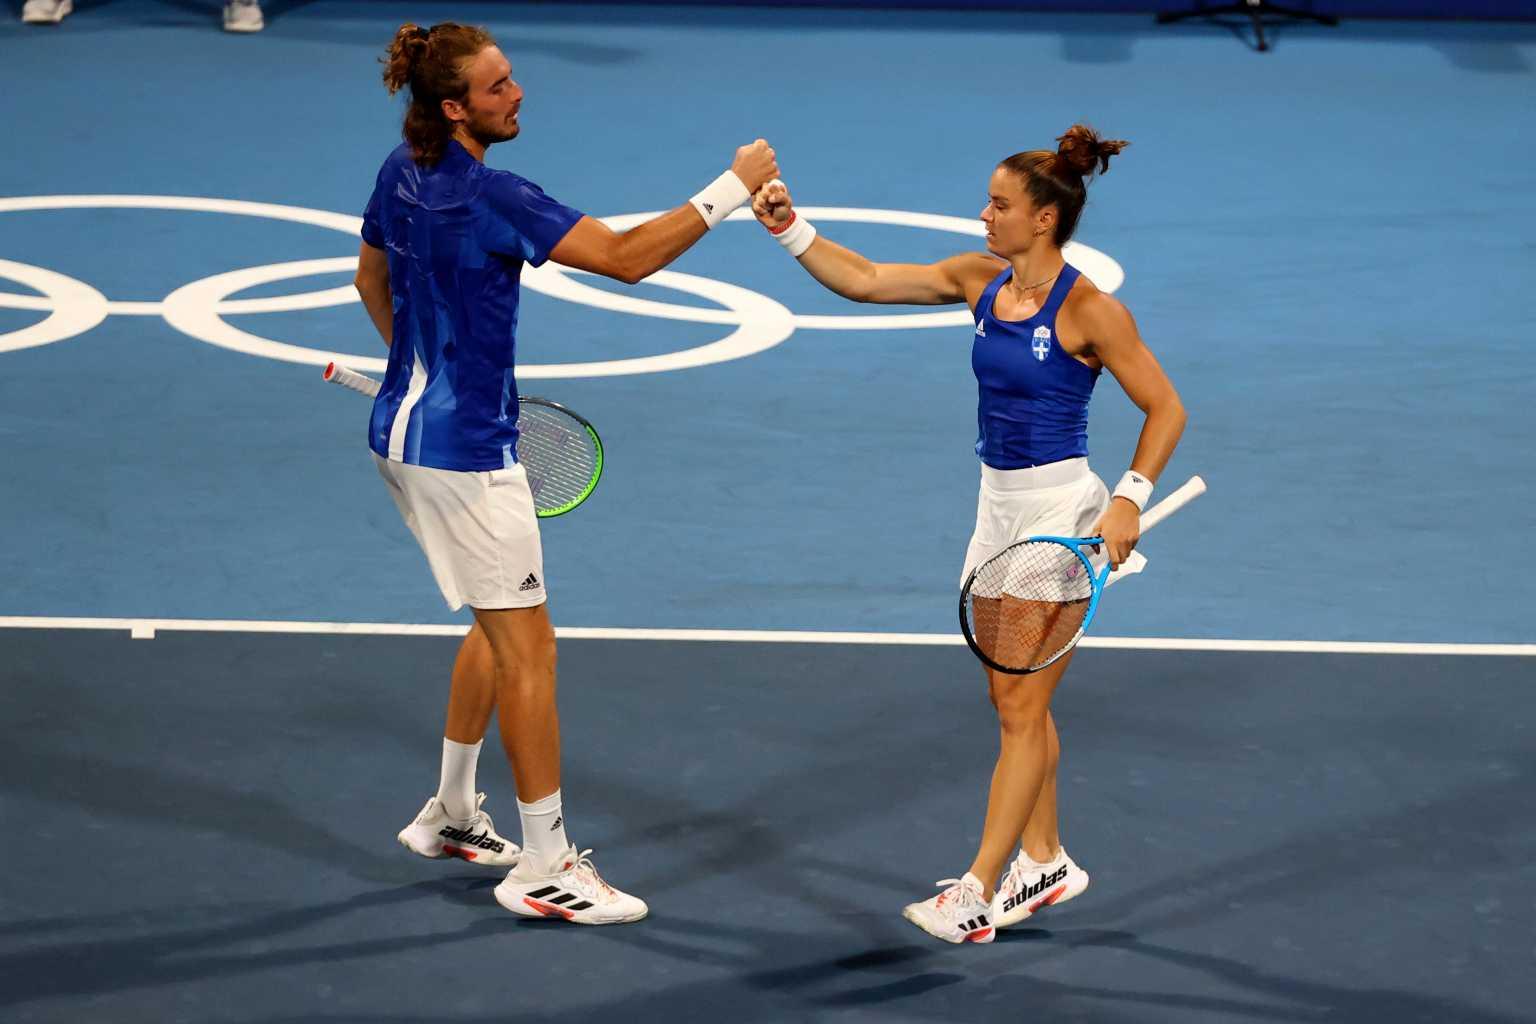 Ολυμπιακοί Αγώνες, Στέφανος Τσιτσιπάς – Μαρία Σάκκαρη: Αποκλεισμός και στο μεικτό του τένις